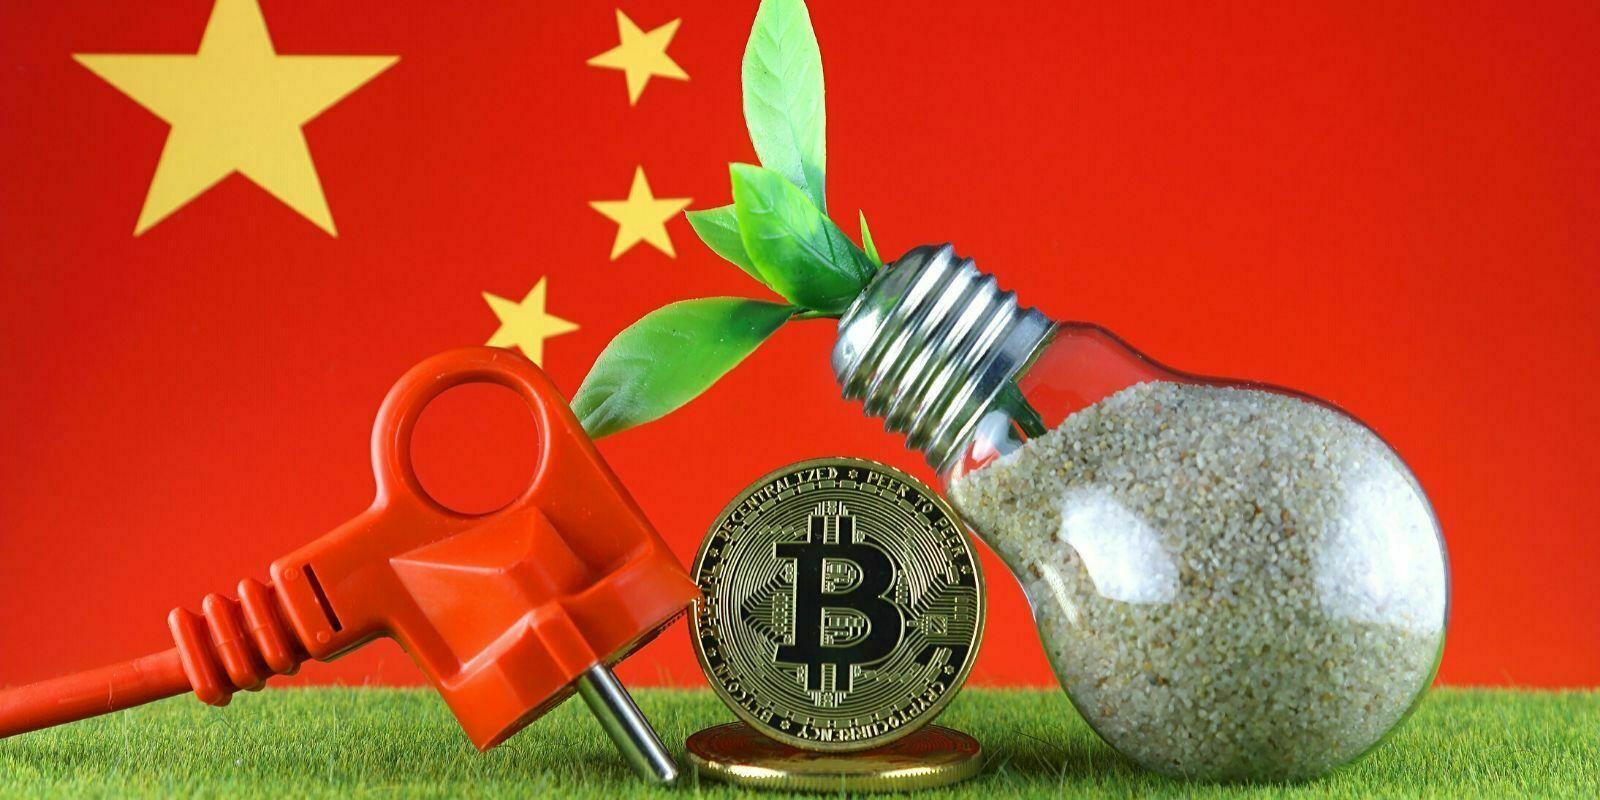 Chine : un hub du mining de Bitcoin réduit les coûts de l'électricité de 30%